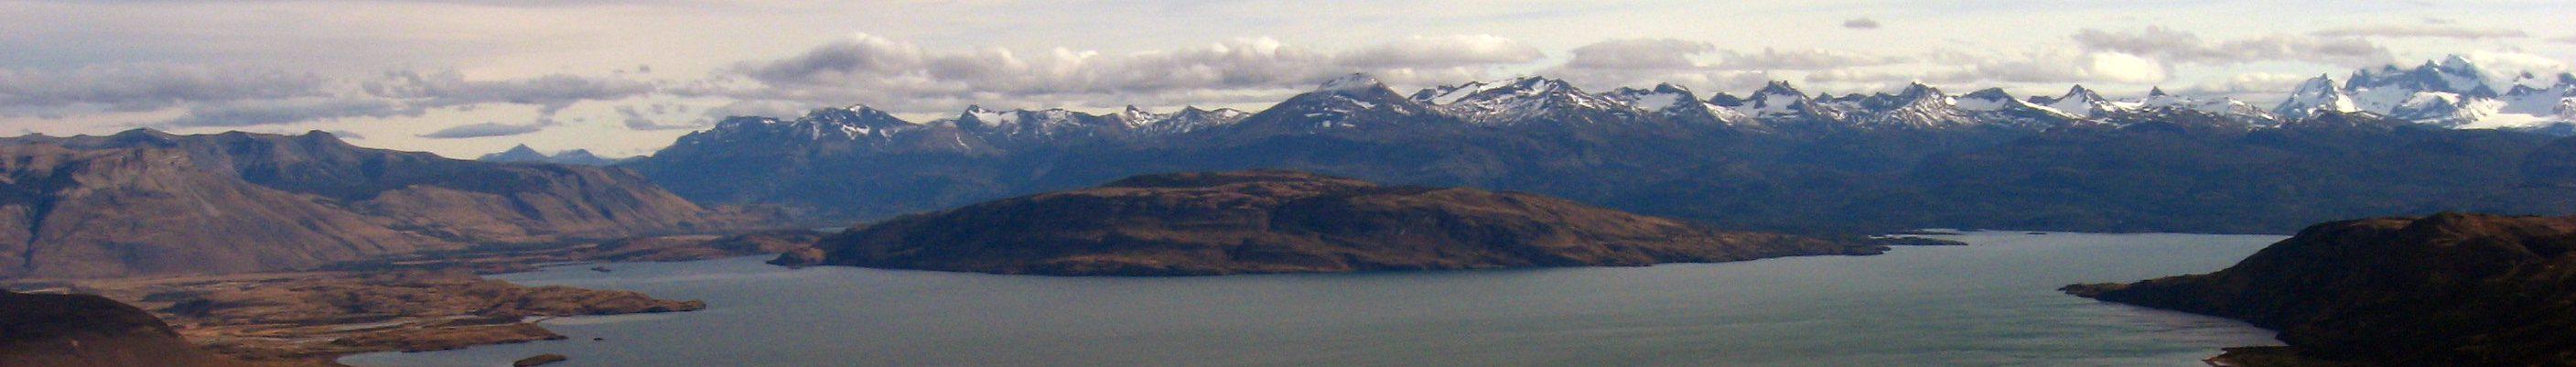 Patagonia_LagoDelToro_crop